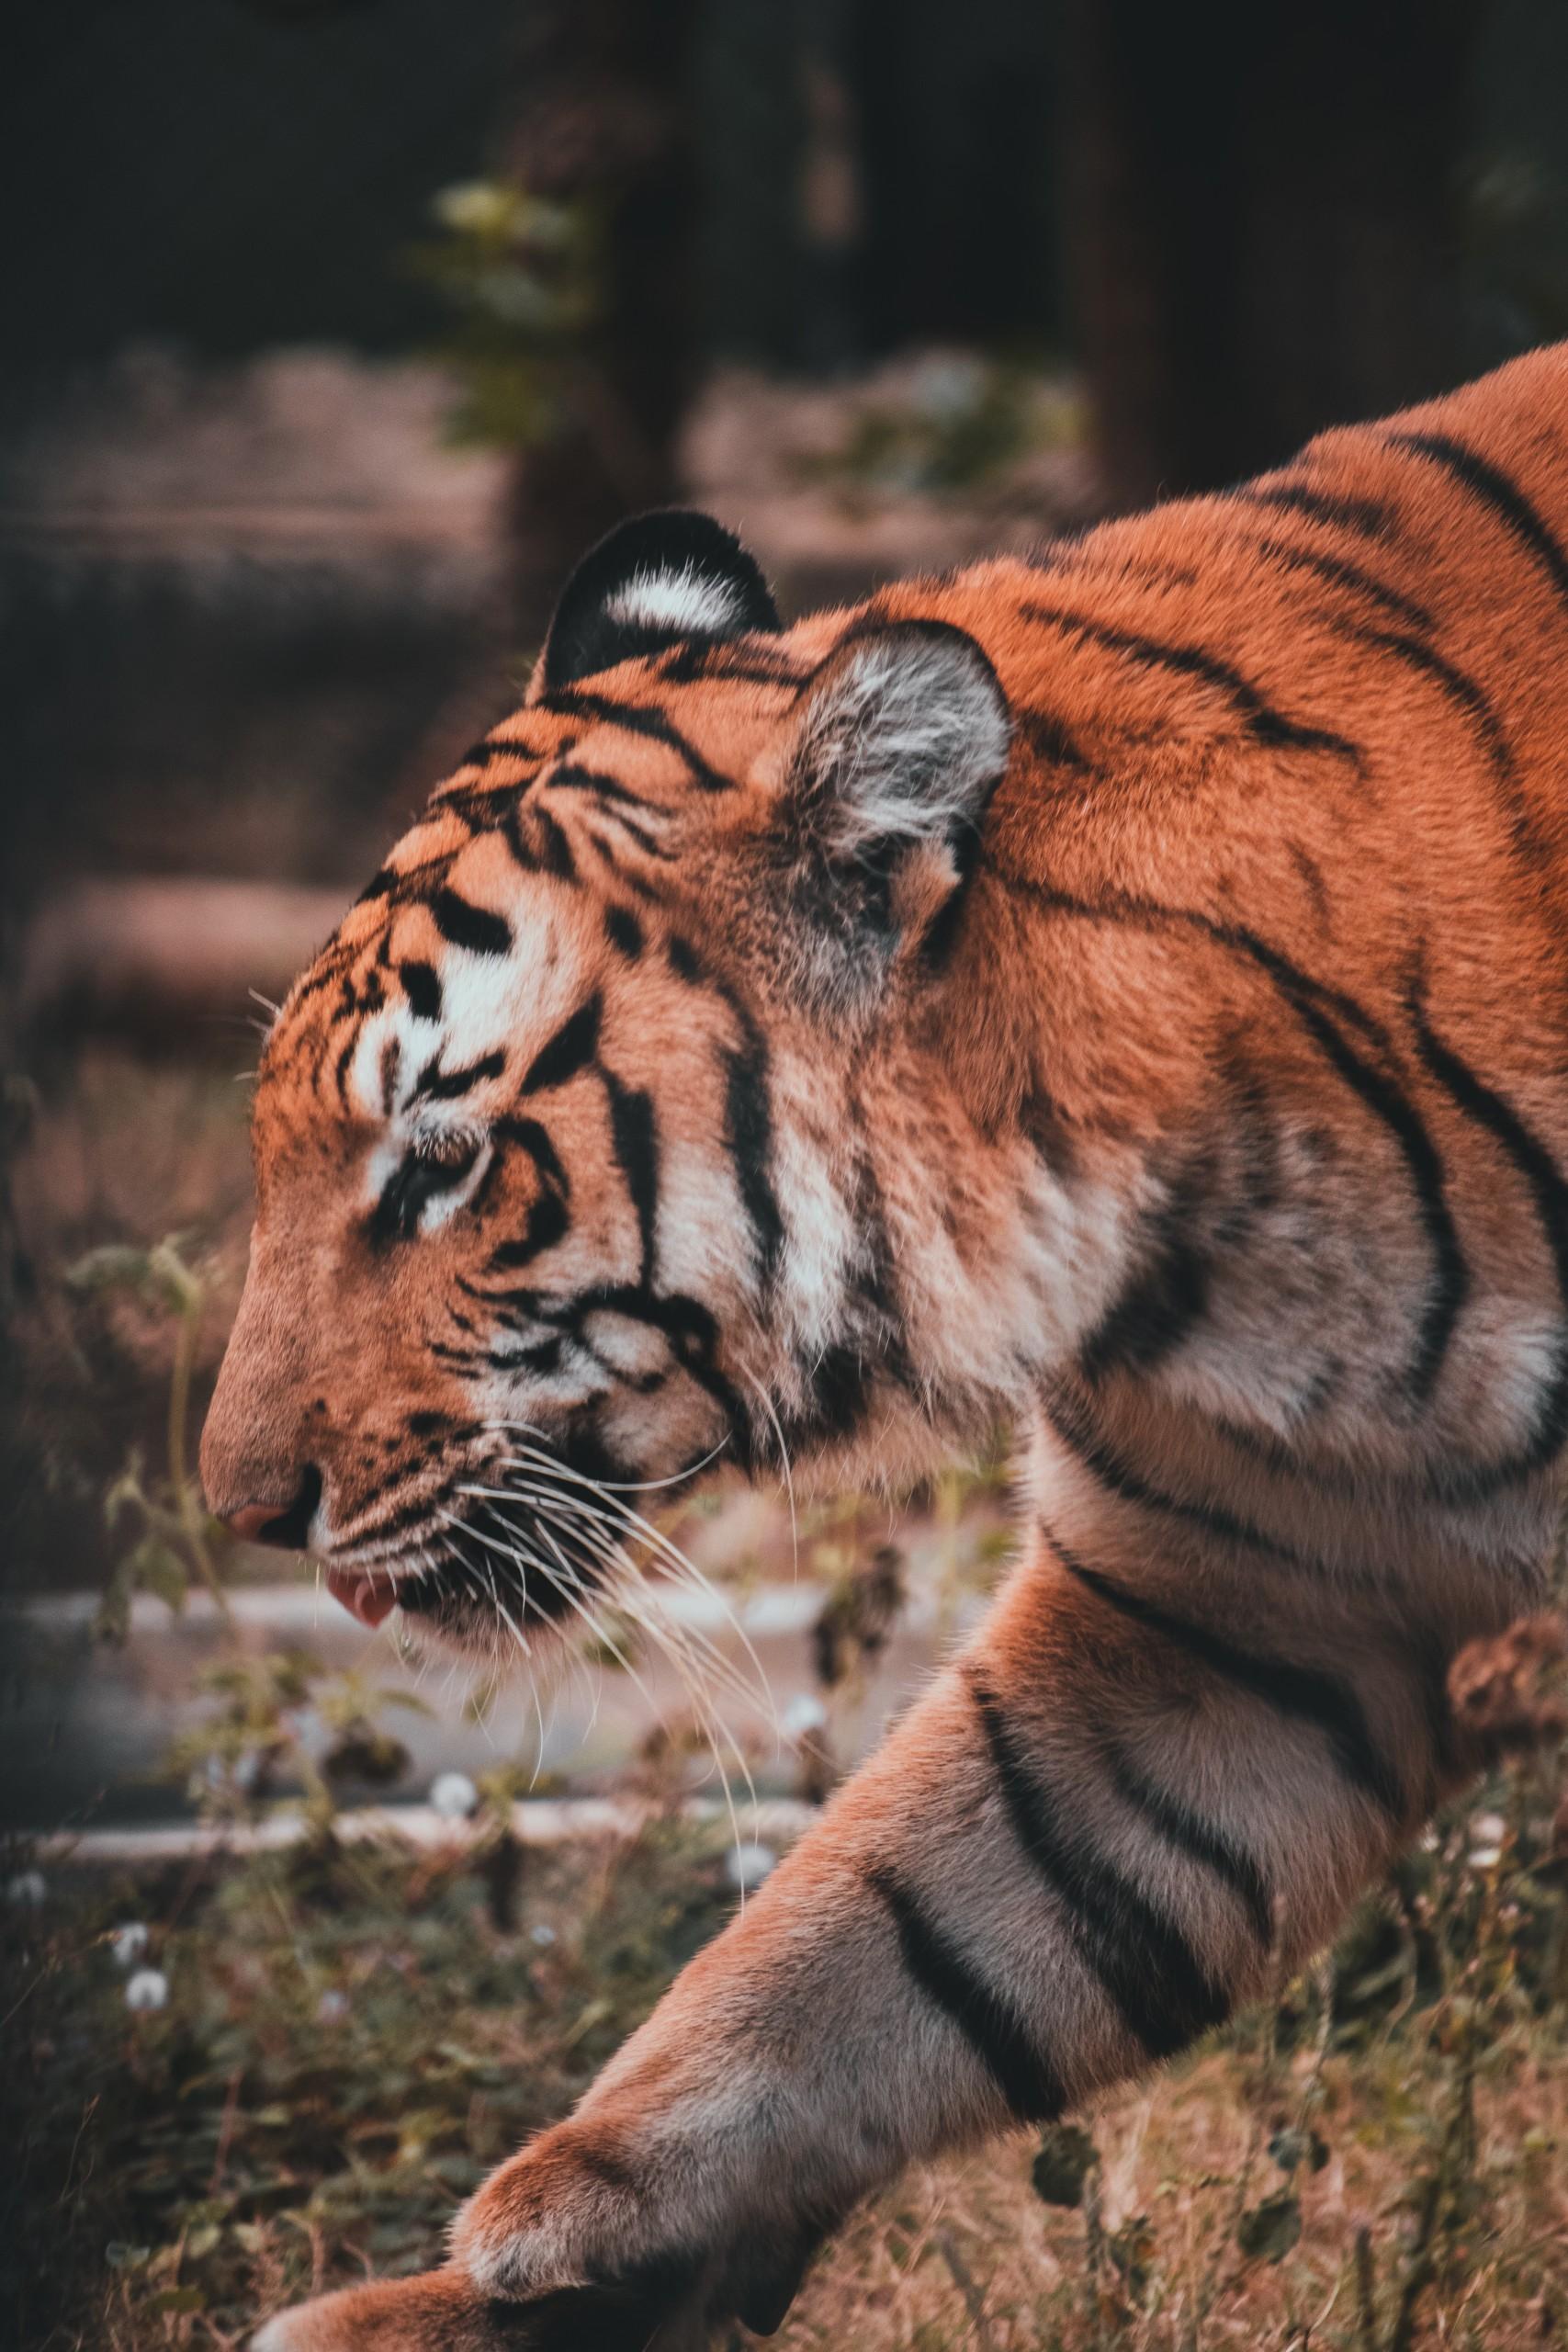 Tiger taking a walk